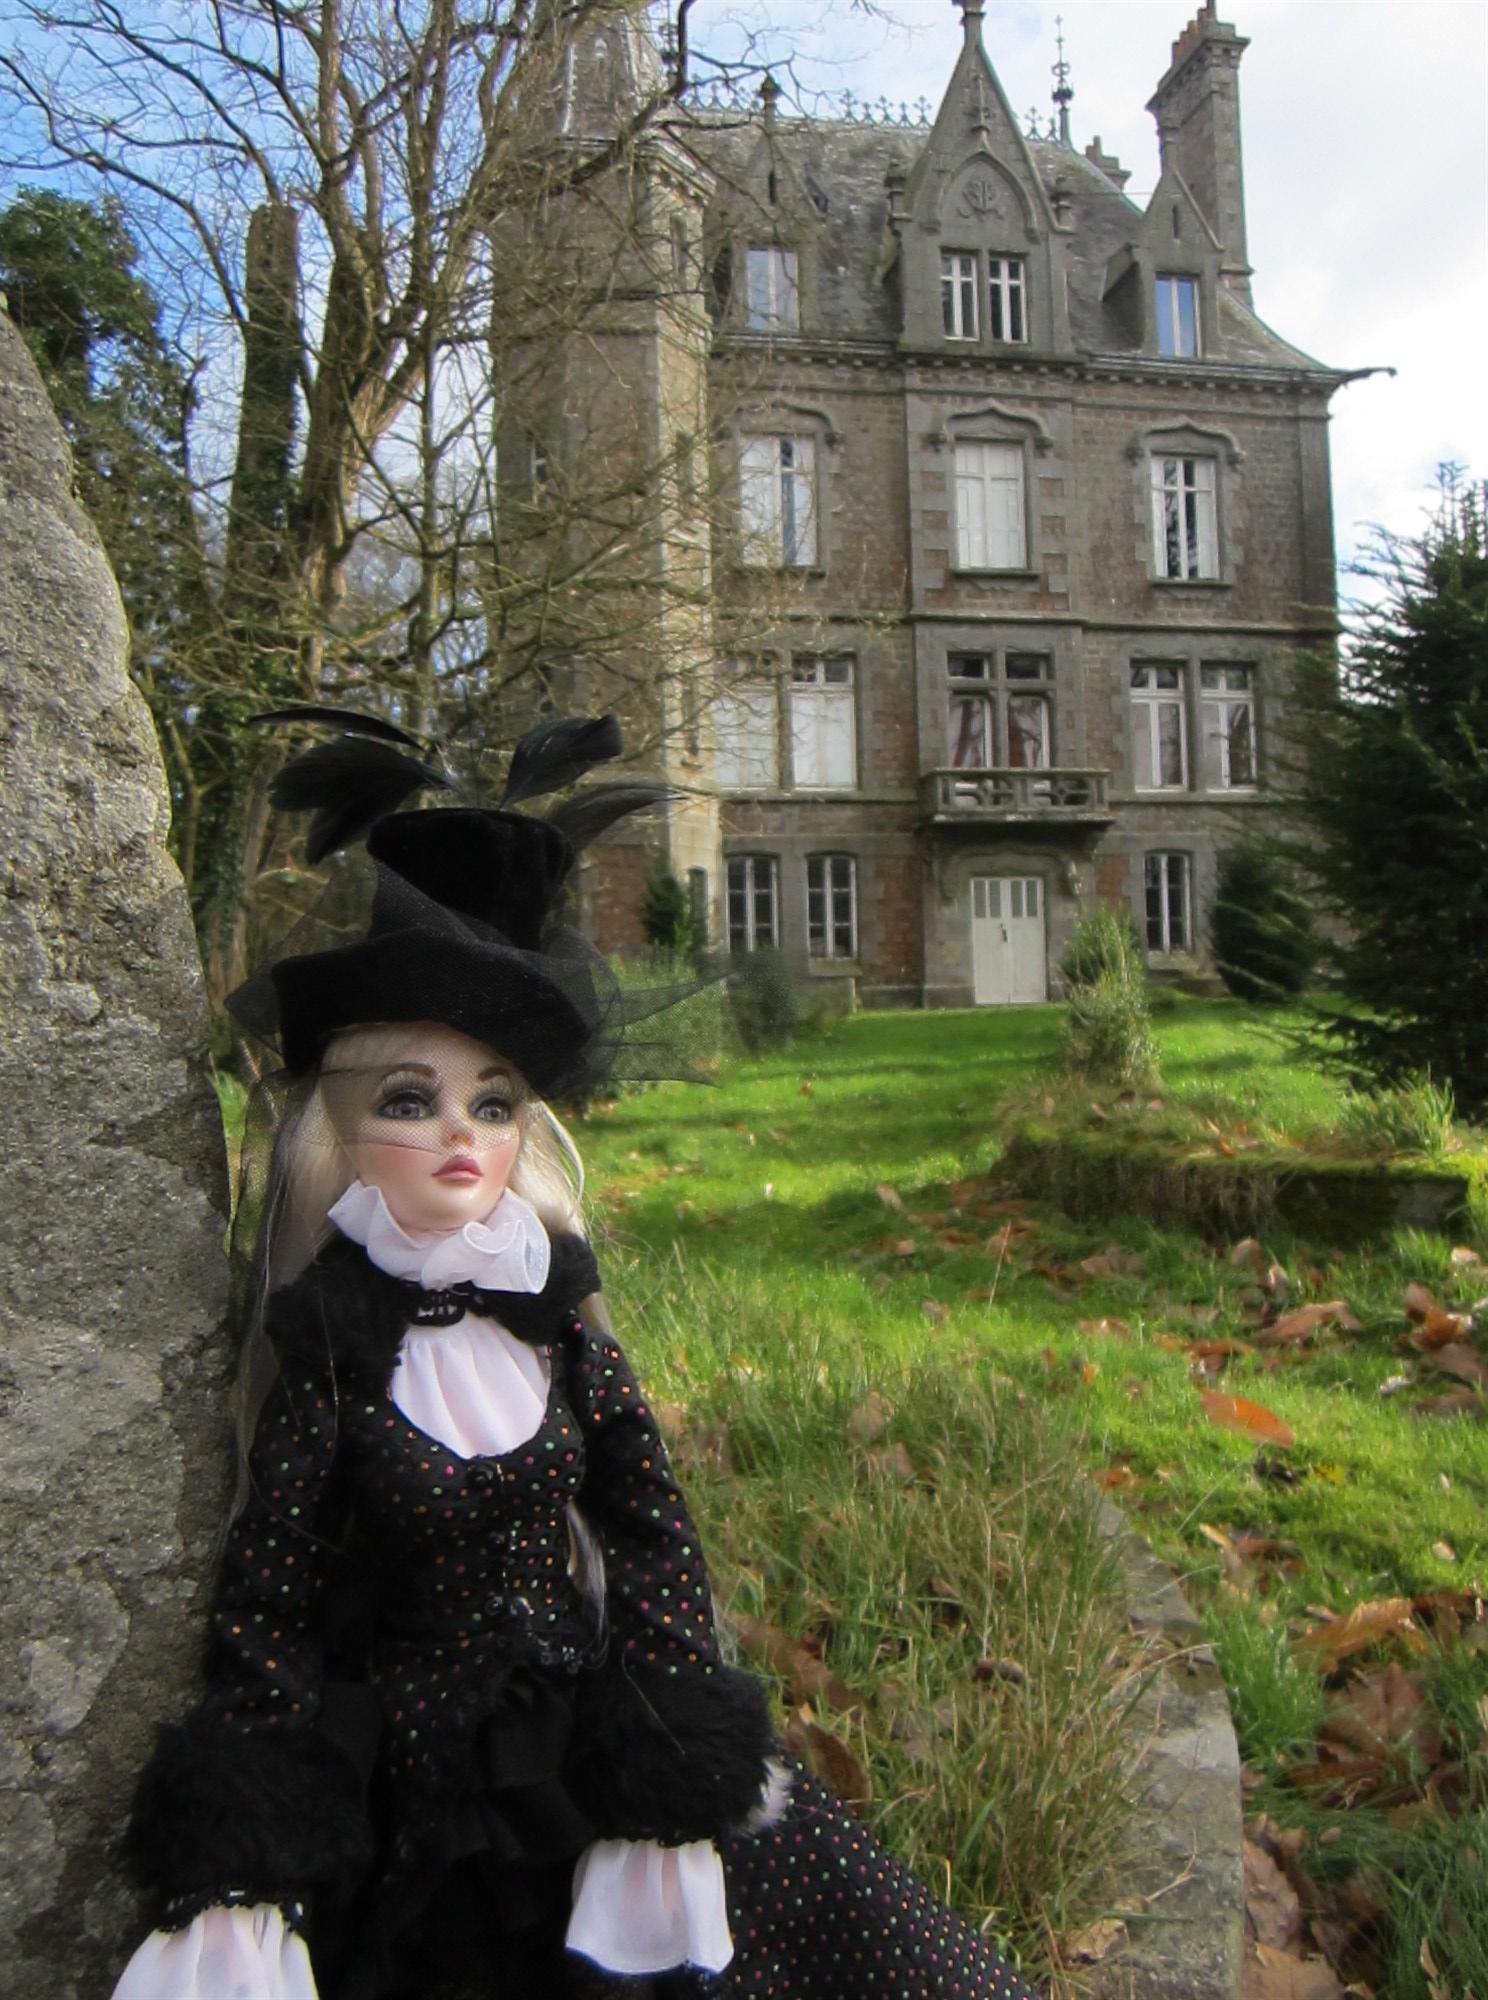 Eléanore de Saint-Chardon, l'Evangeline Graveside Flowers d'Idriss - Page 2 2013-01%20El%C3%A9anore%2061